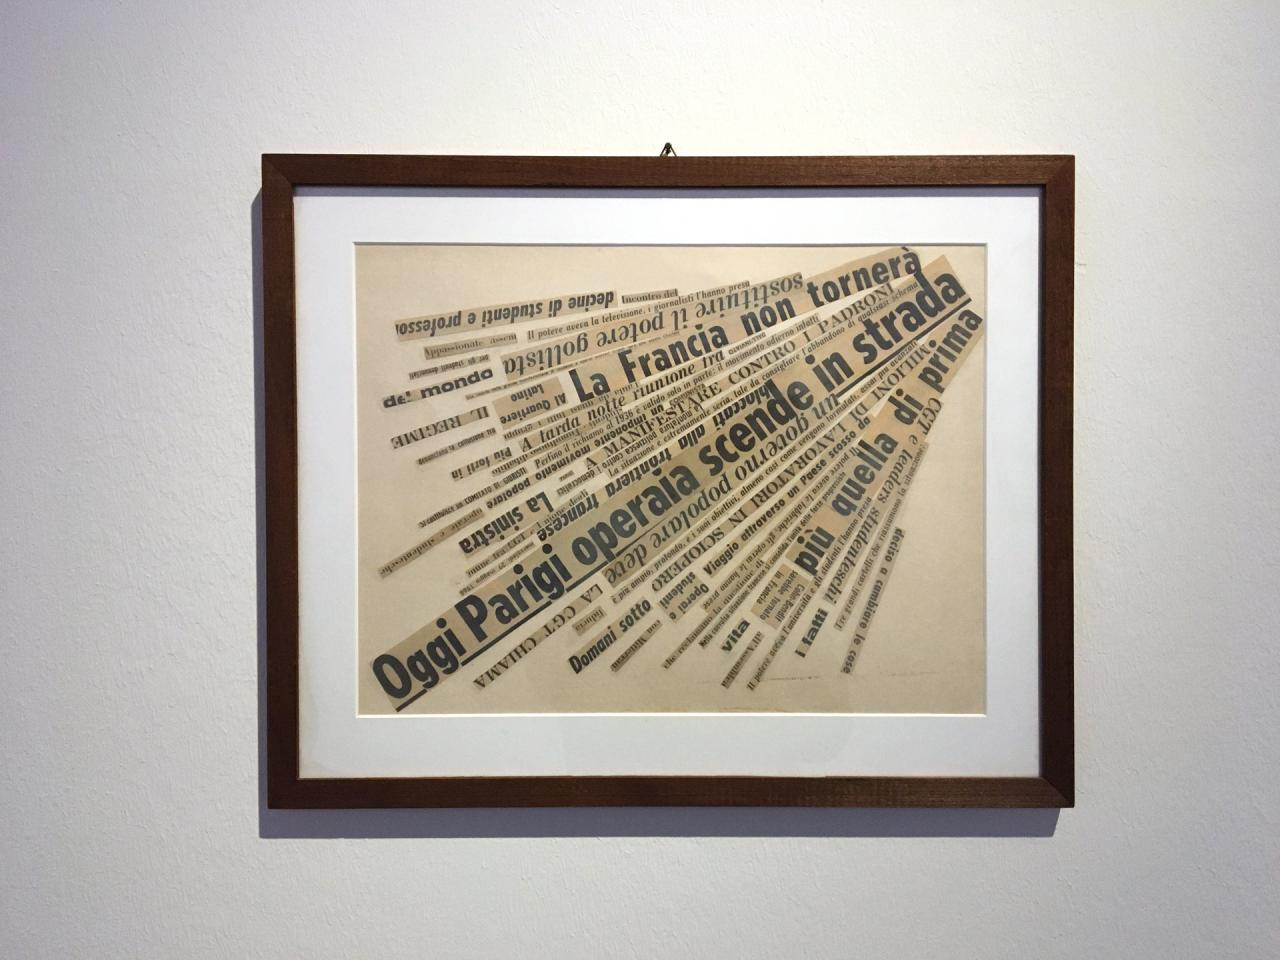 View of the exhibition »Nanni Balestrini. Wer das hir liest braucht sich vor nichts mehr zu fürchten«